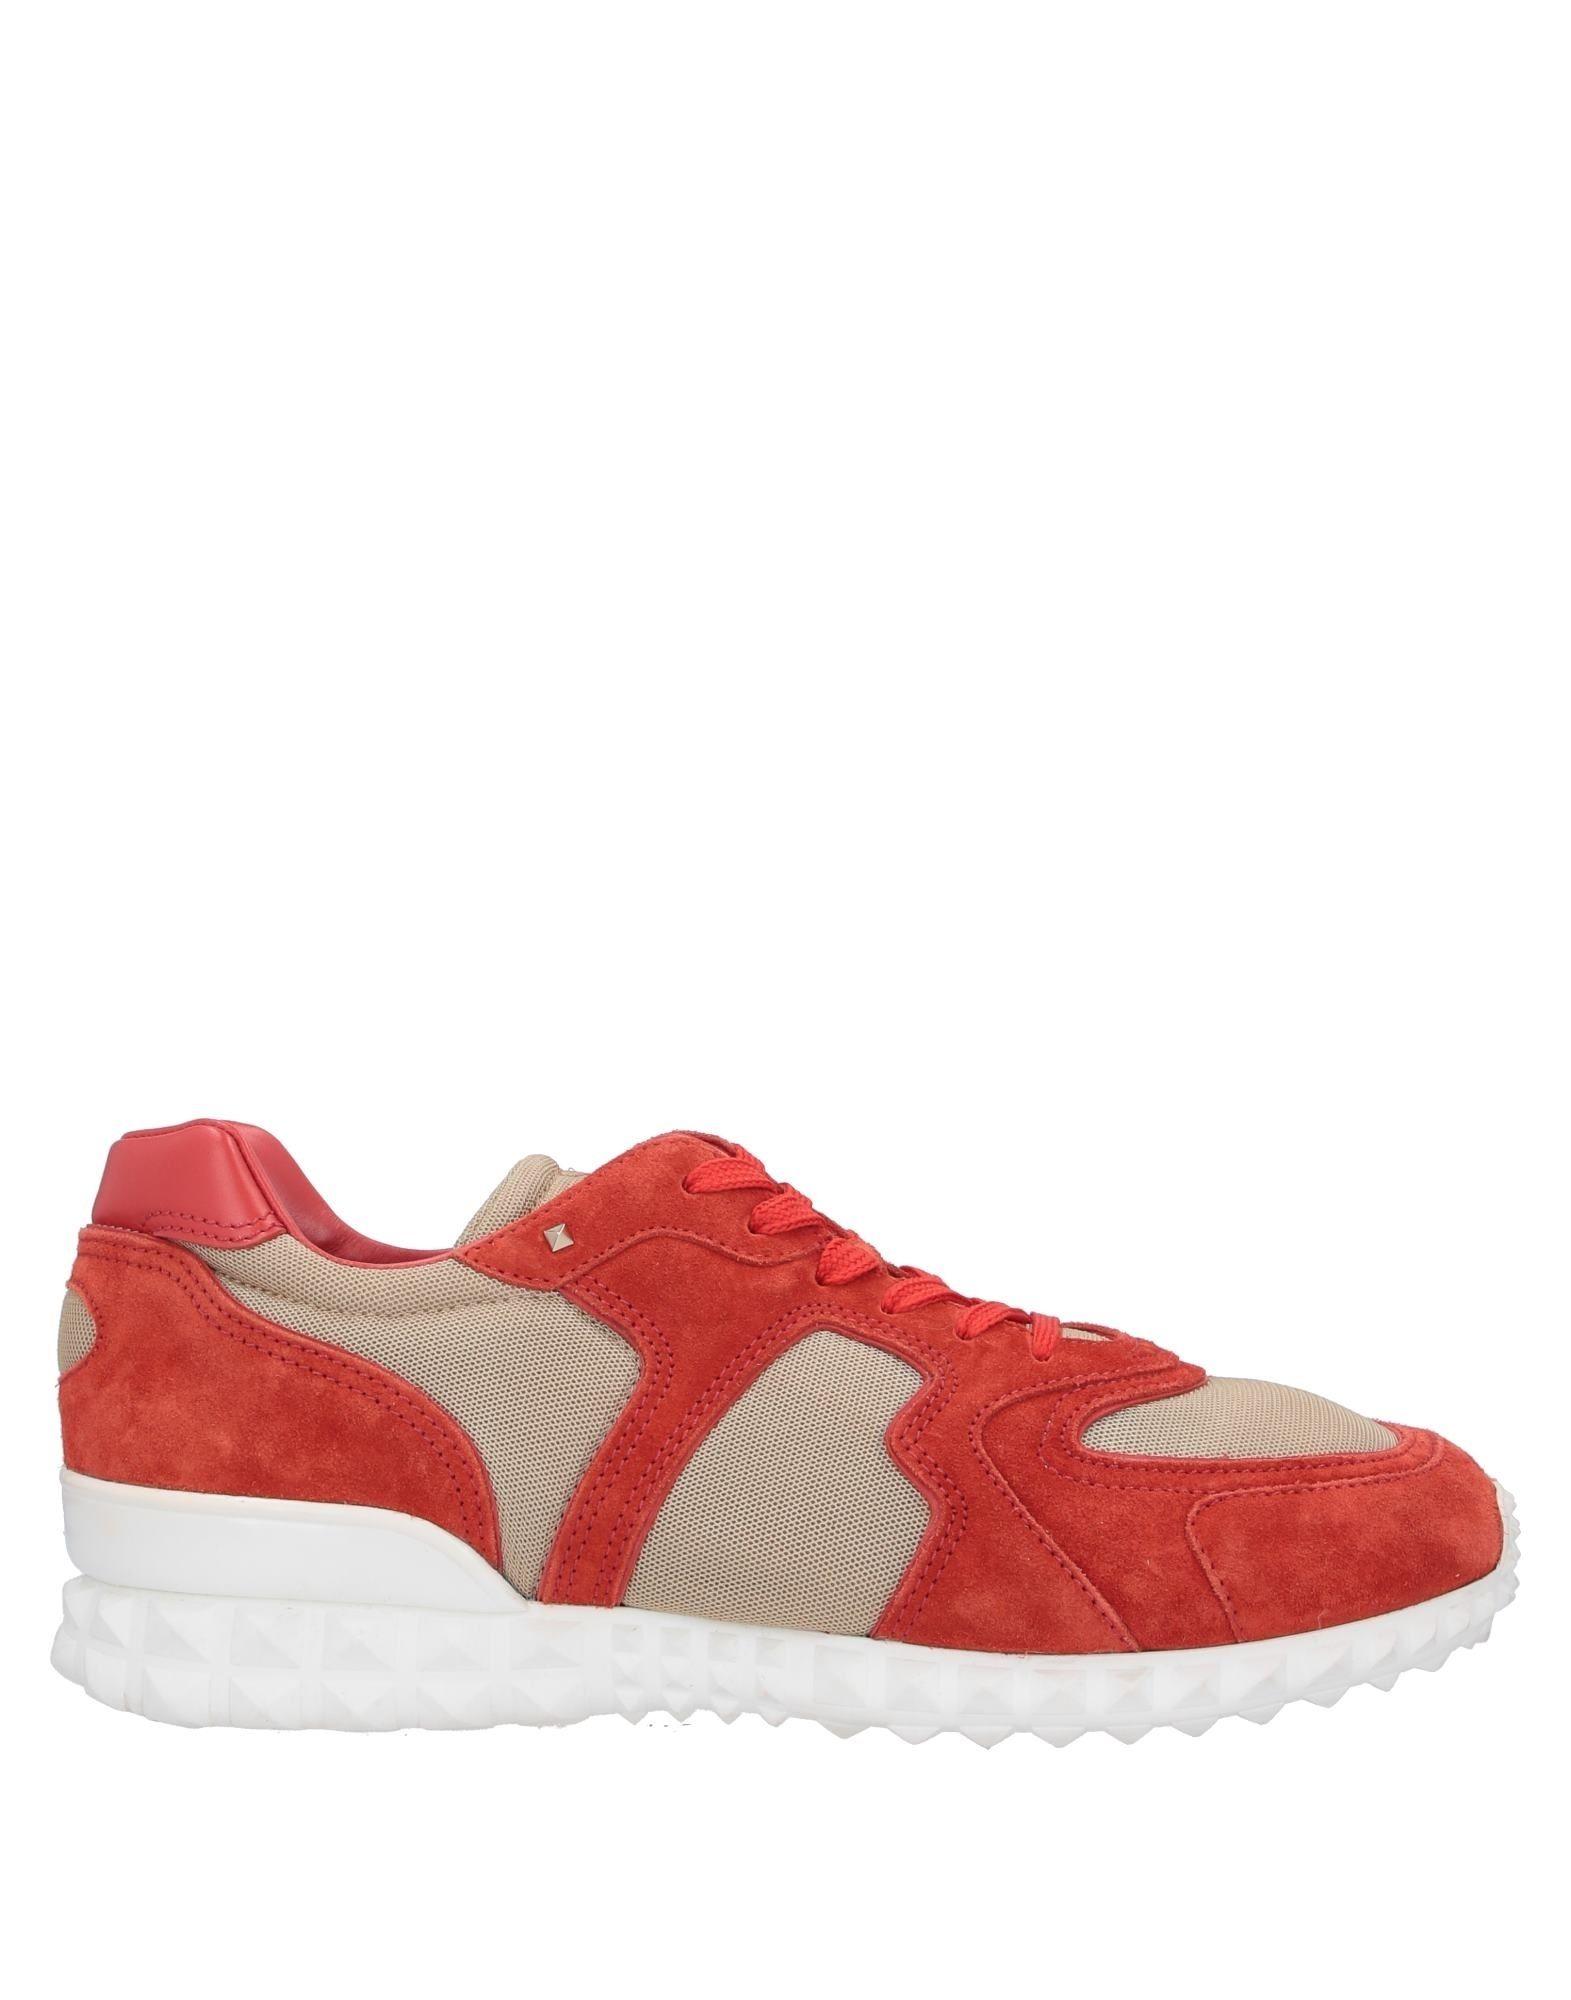 《送料無料》VALENTINO GARAVANI メンズ スニーカー&テニスシューズ(ローカット) 赤茶色 44 革 / 紡績繊維